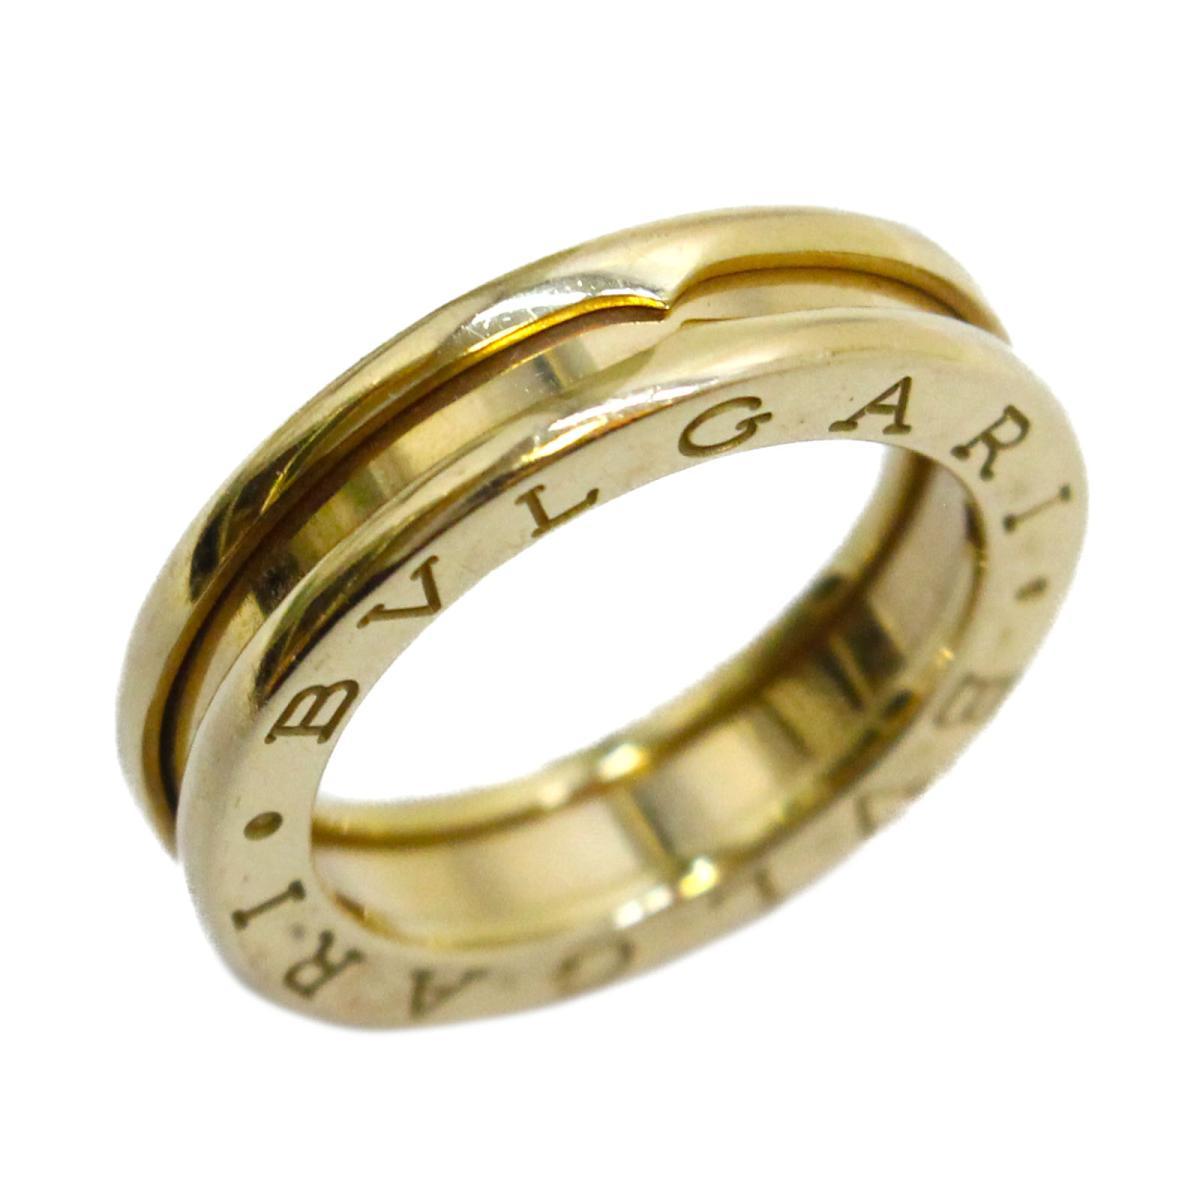 【中古】 ブルガリ B-zero1 リング 指輪 レディース K18YG (750) イエローゴールド | BVLGARI BRANDOFF ブランドオフ ブランド ジュエリー アクセサリー